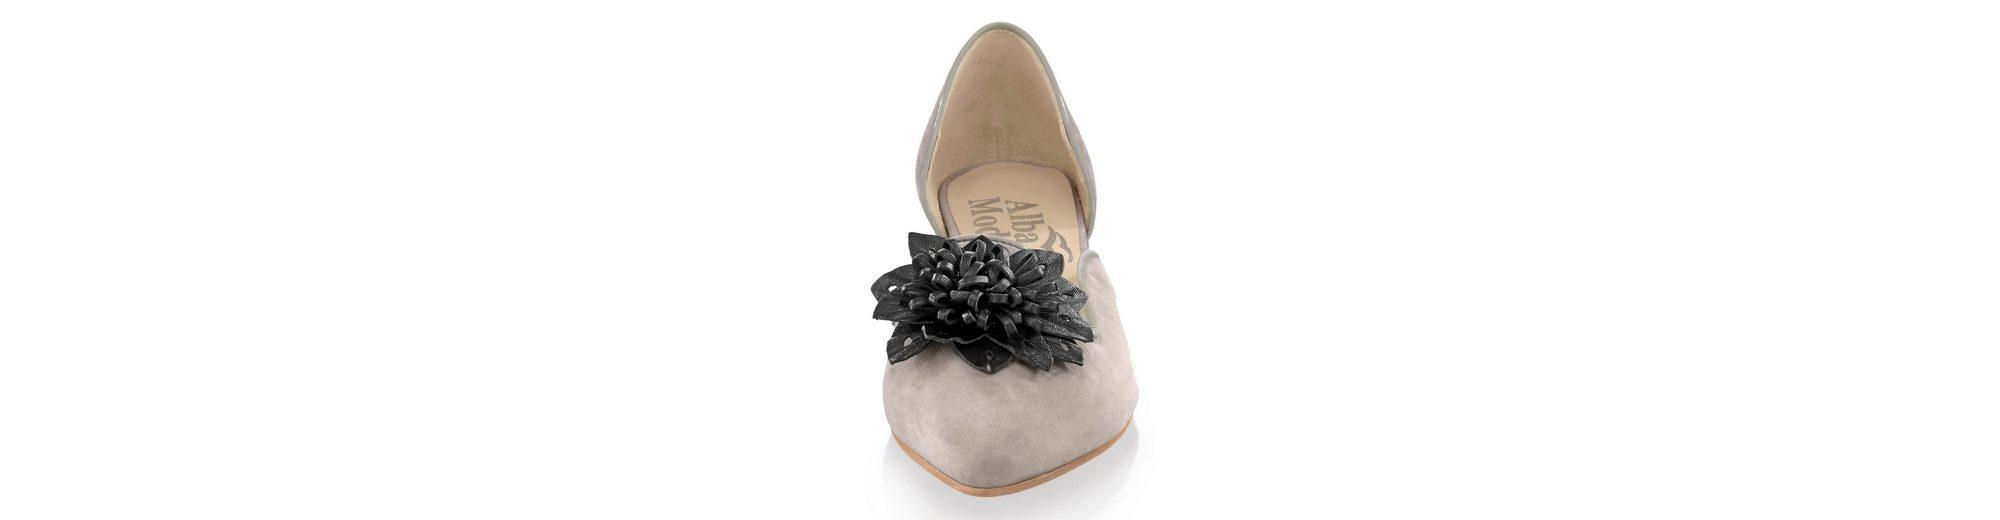 Footlocker Günstiger Preis Alba Moda Ballerina mit Lederapplikation in Blütenform Shop Günstigen Preis Hohe Qualität Online Kaufen H4y1hgMgGJ